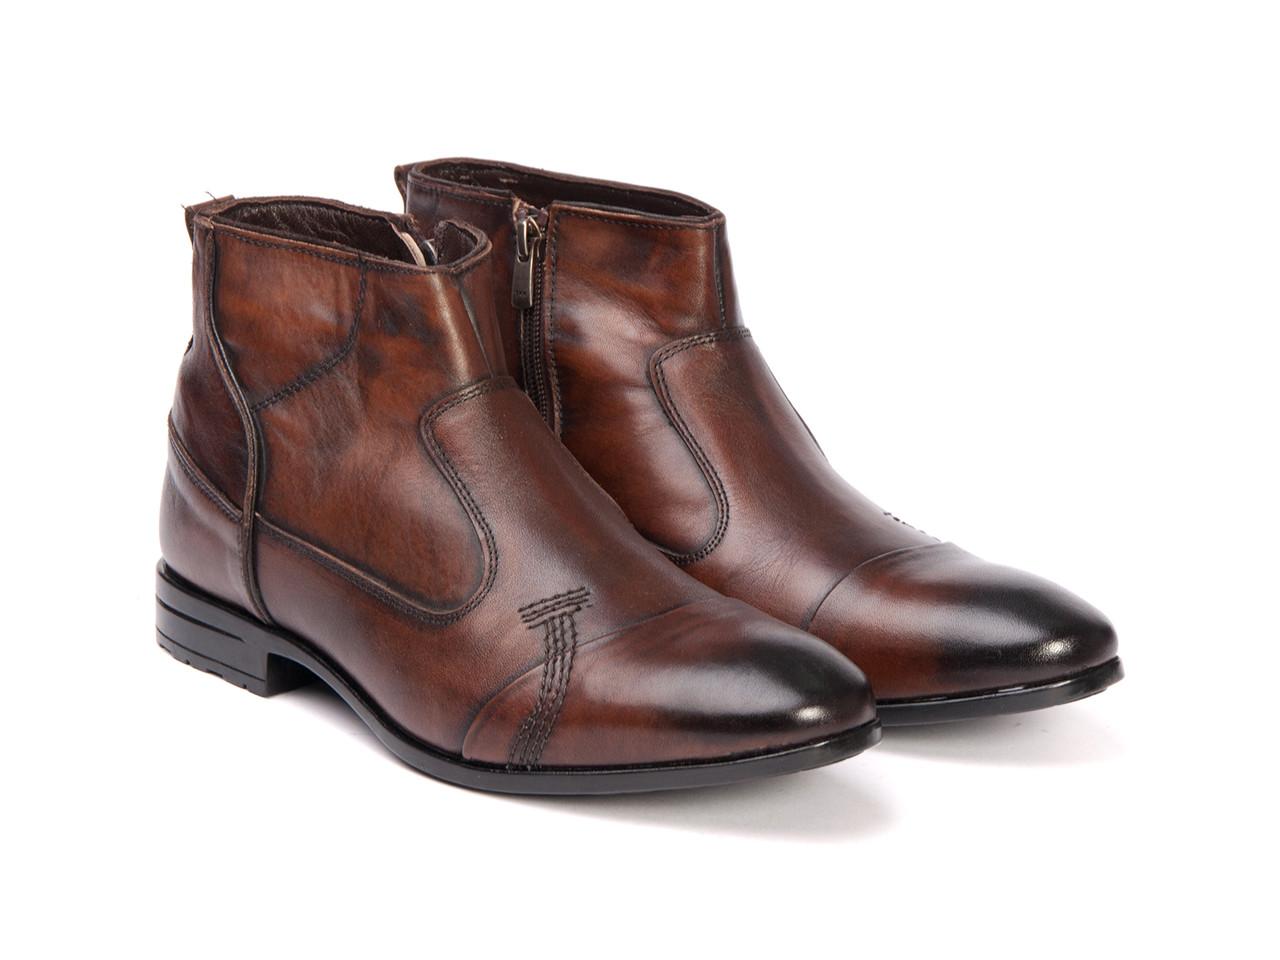 Ботинки Etor 10114-7040 коричневые